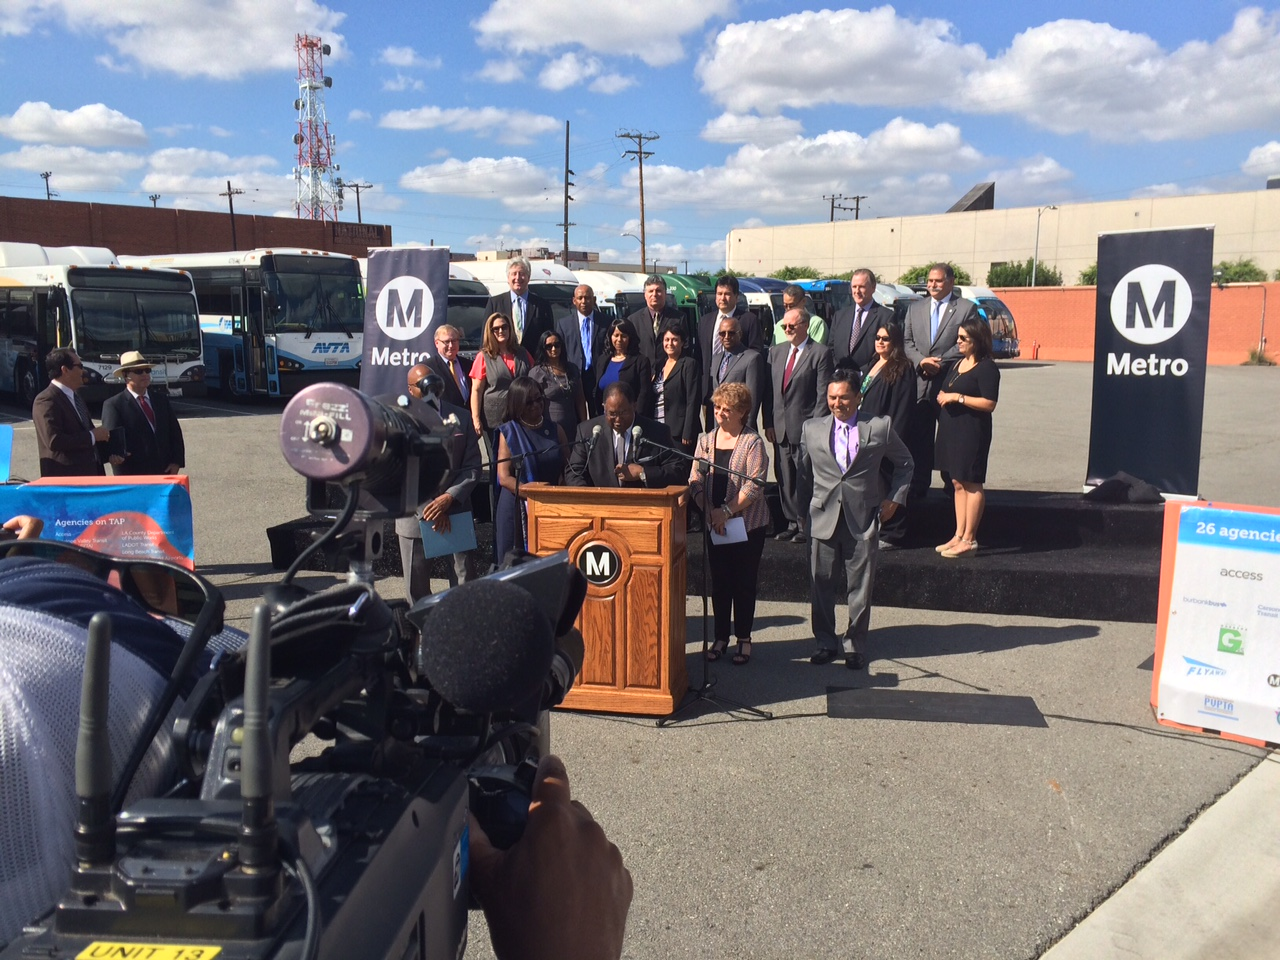 Aspecto del evento de prensa en el que se anunció la aprobación de las tarjetas TAP por parte de las 26 agencias de transporte en el condado de L.A. Foto: José Ubaldo/Metro.